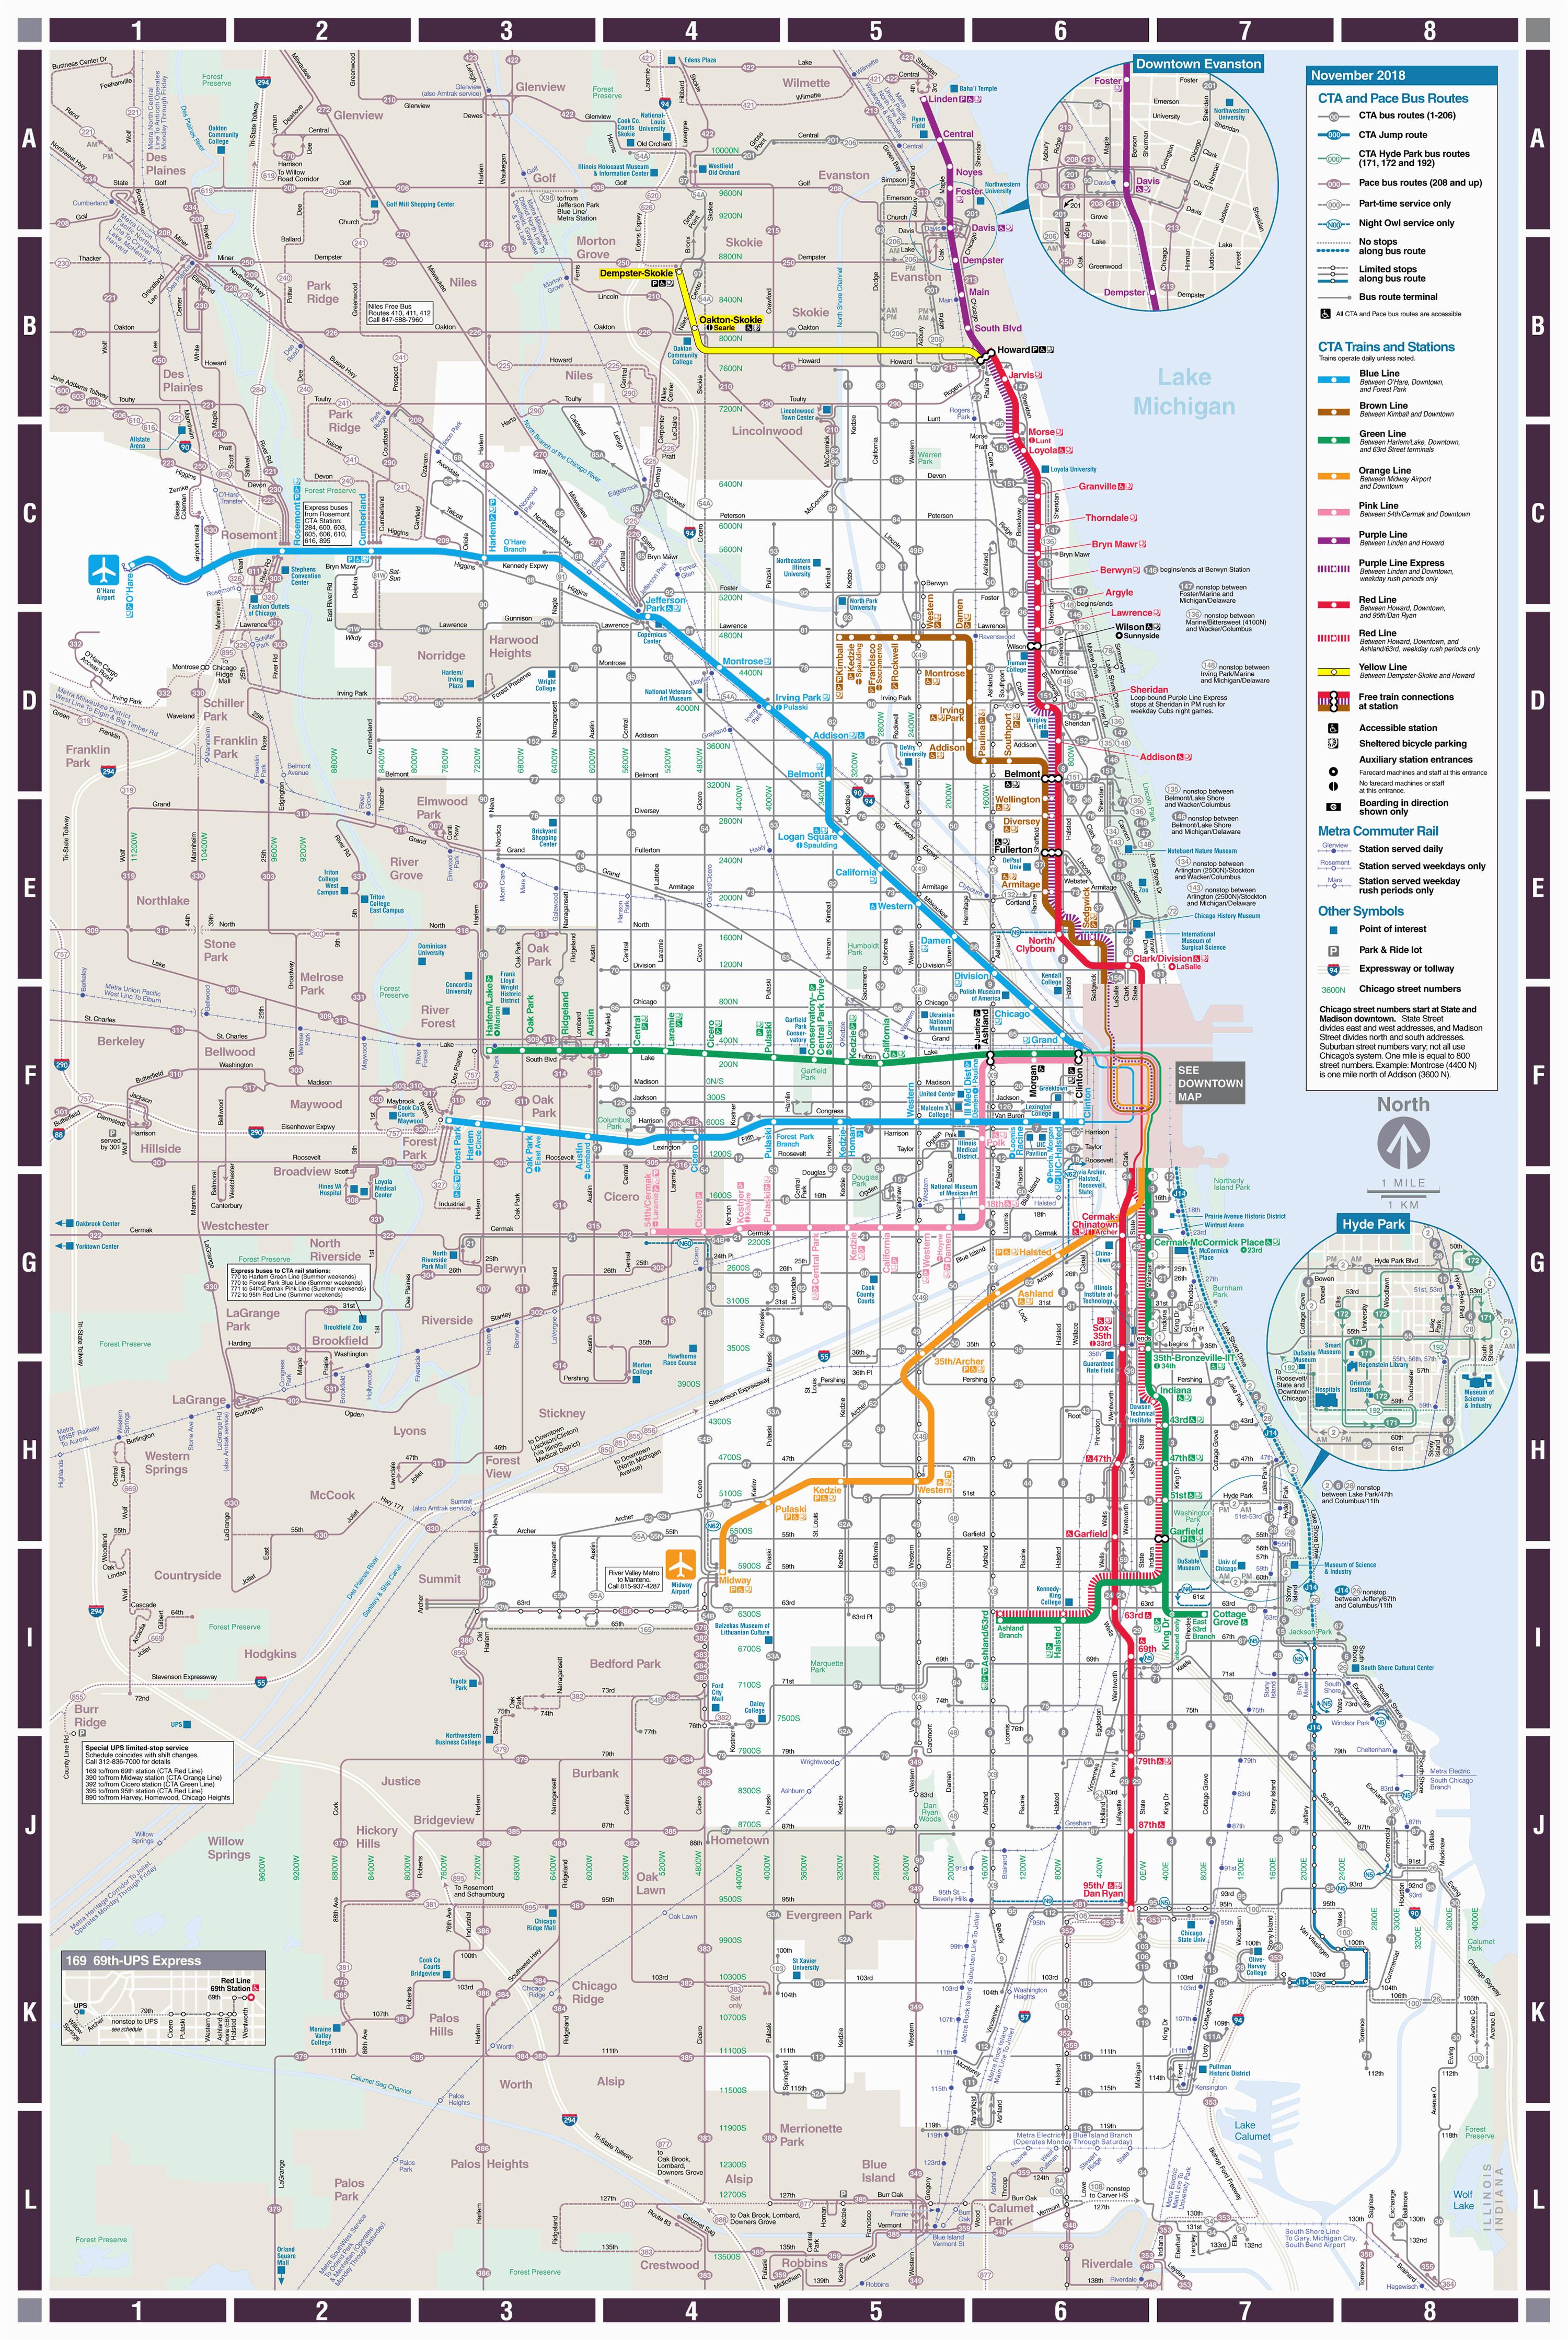 web based system map cta